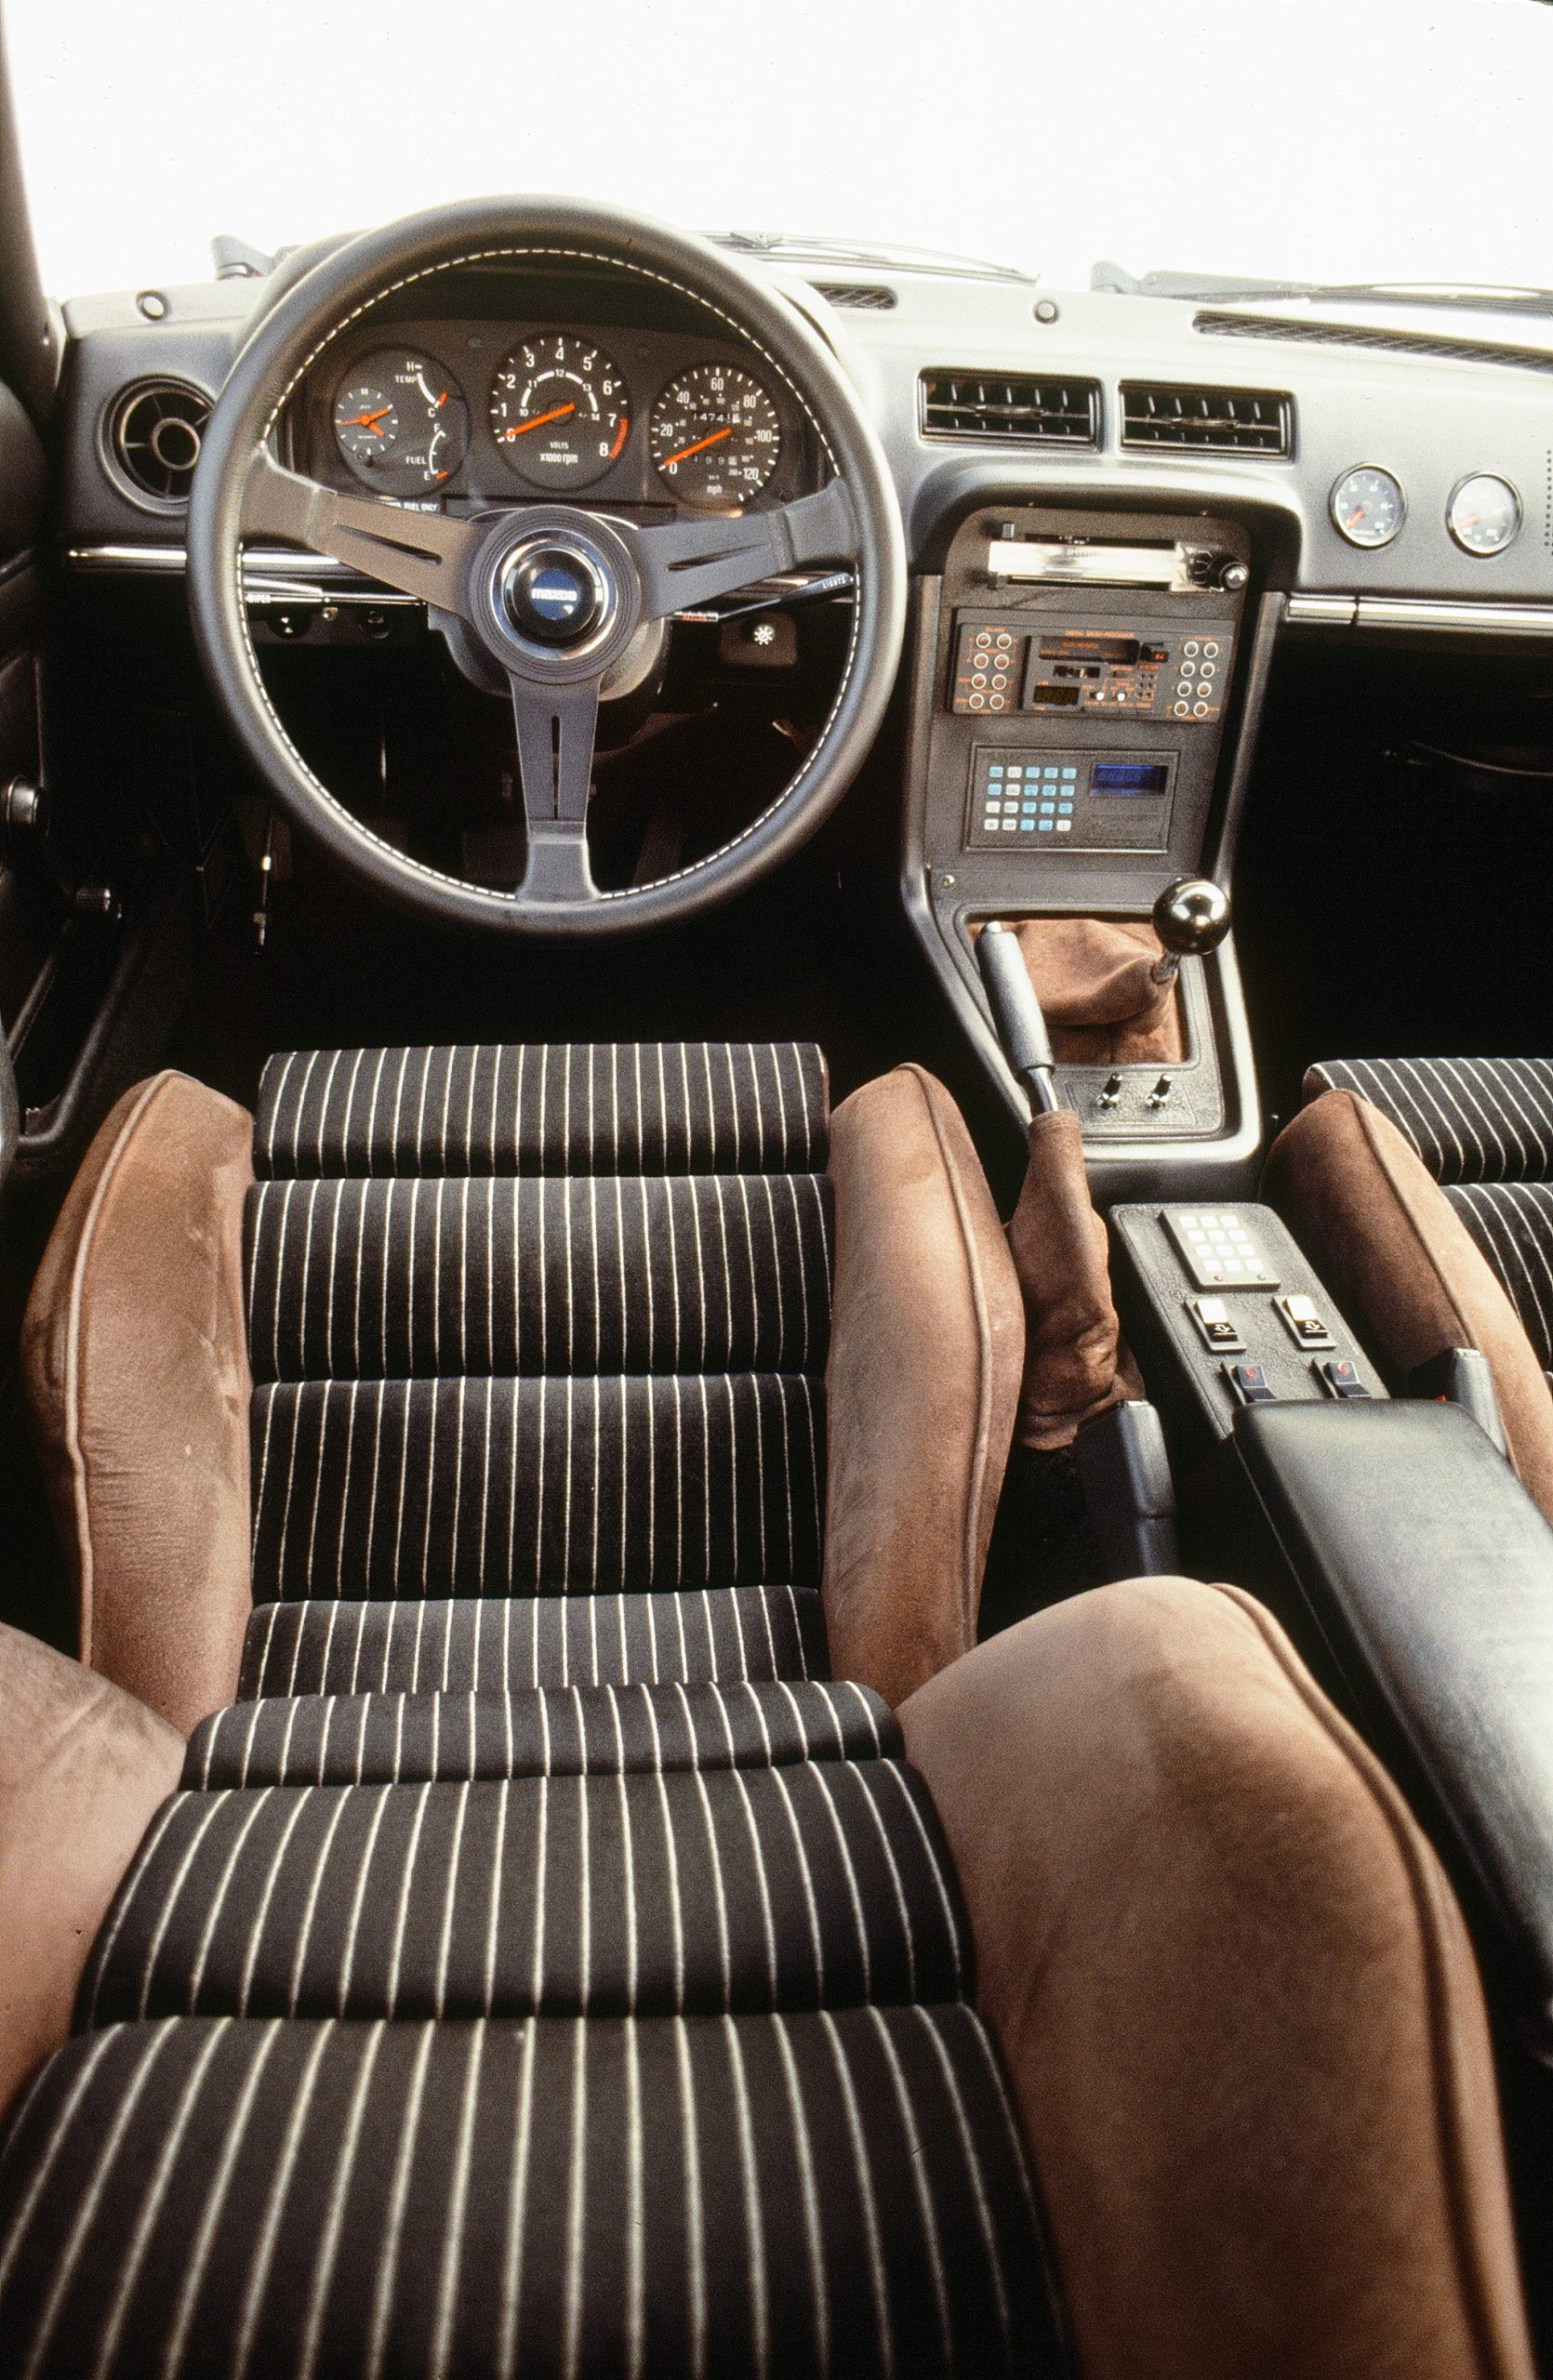 1979 Mazda RX-7 Sherman